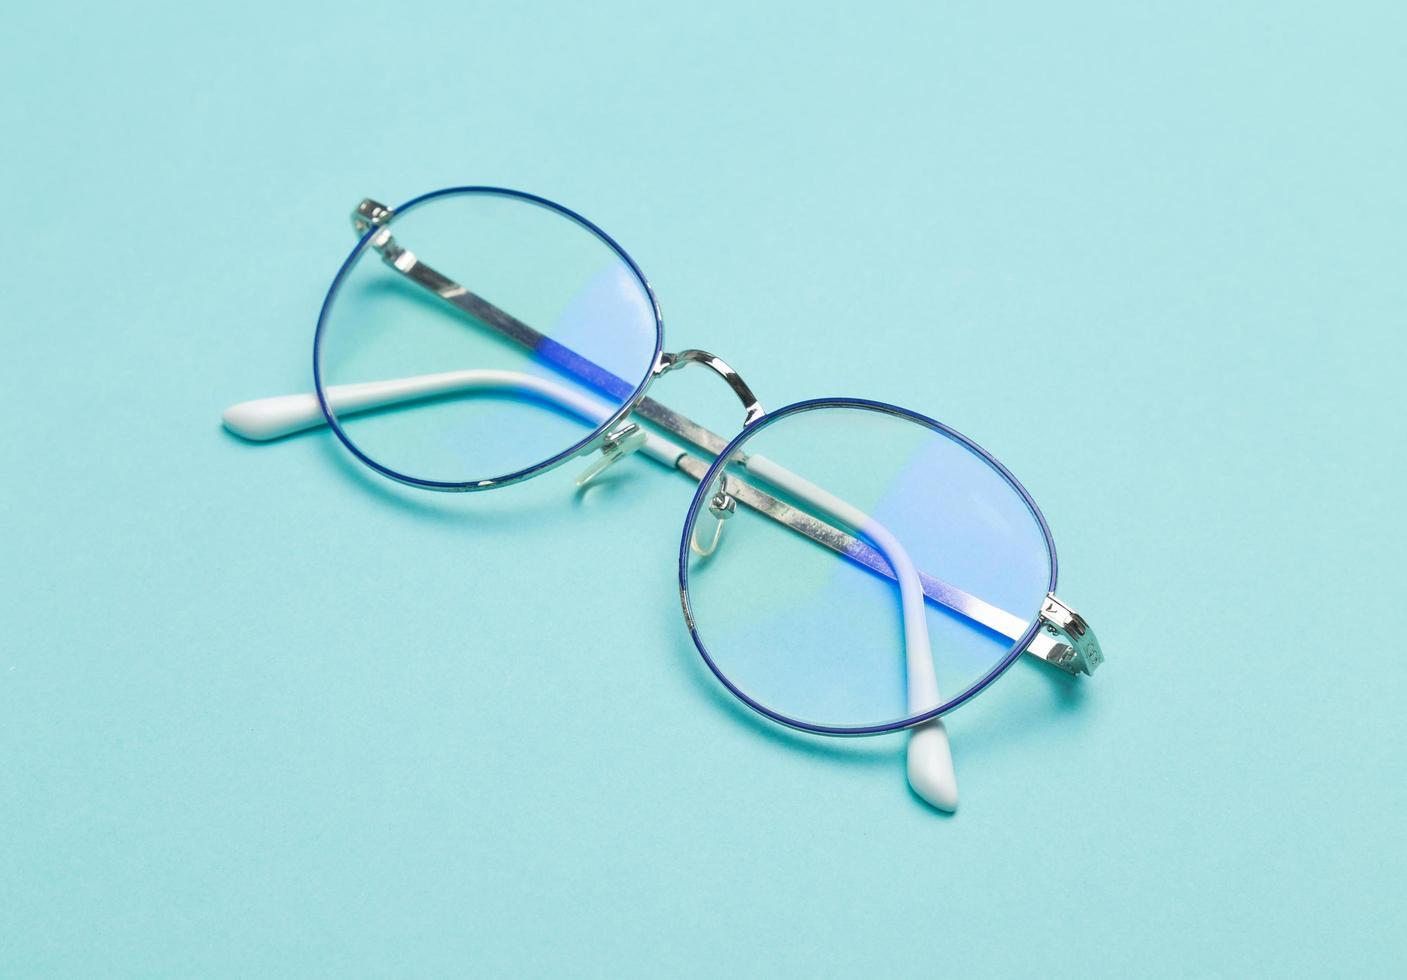 Brillen auf blauem Hintergrund foto